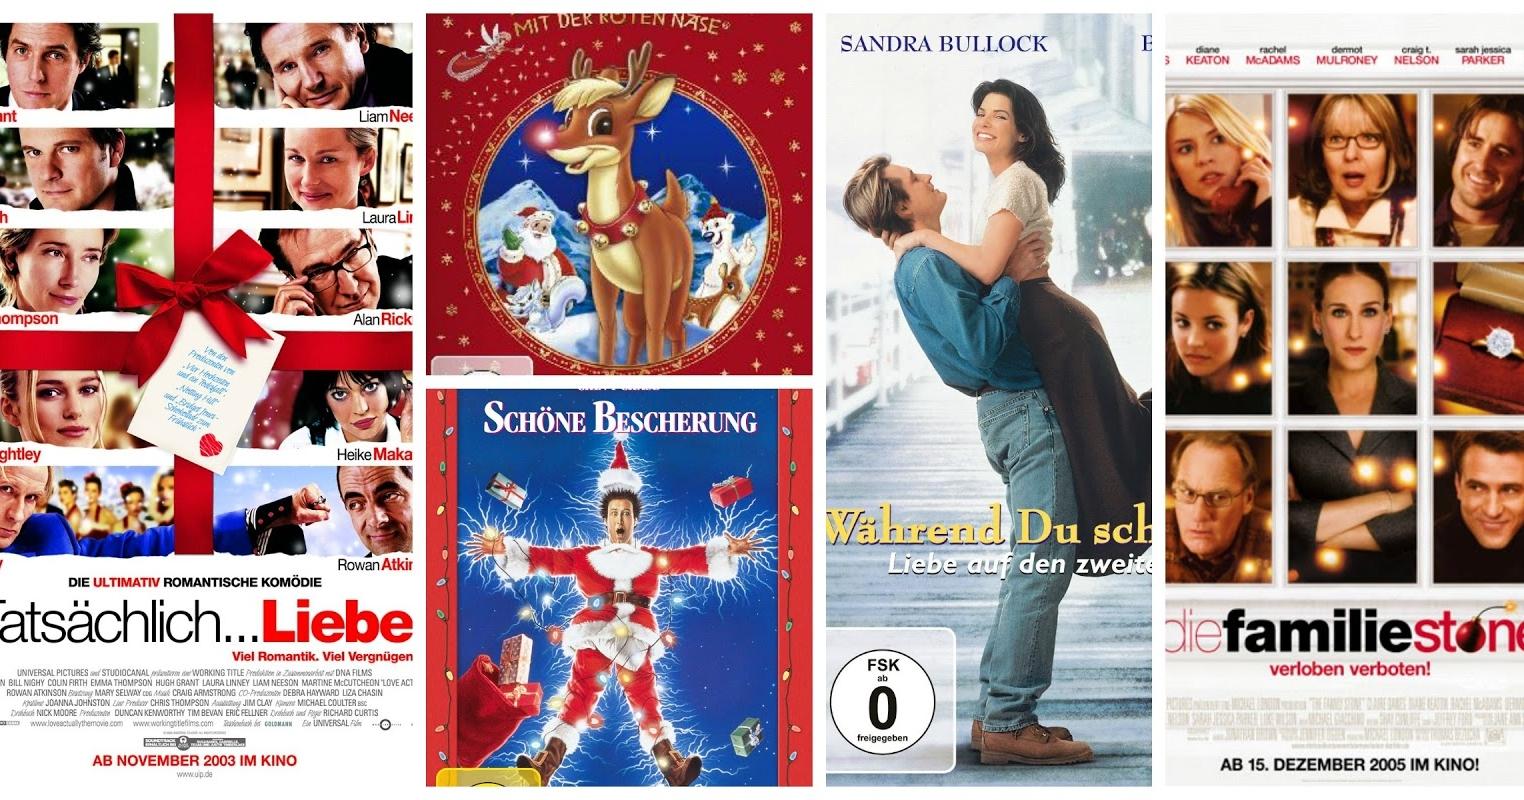 erkennst du diese 24 weihnachtsfilme an einem bild. Black Bedroom Furniture Sets. Home Design Ideas